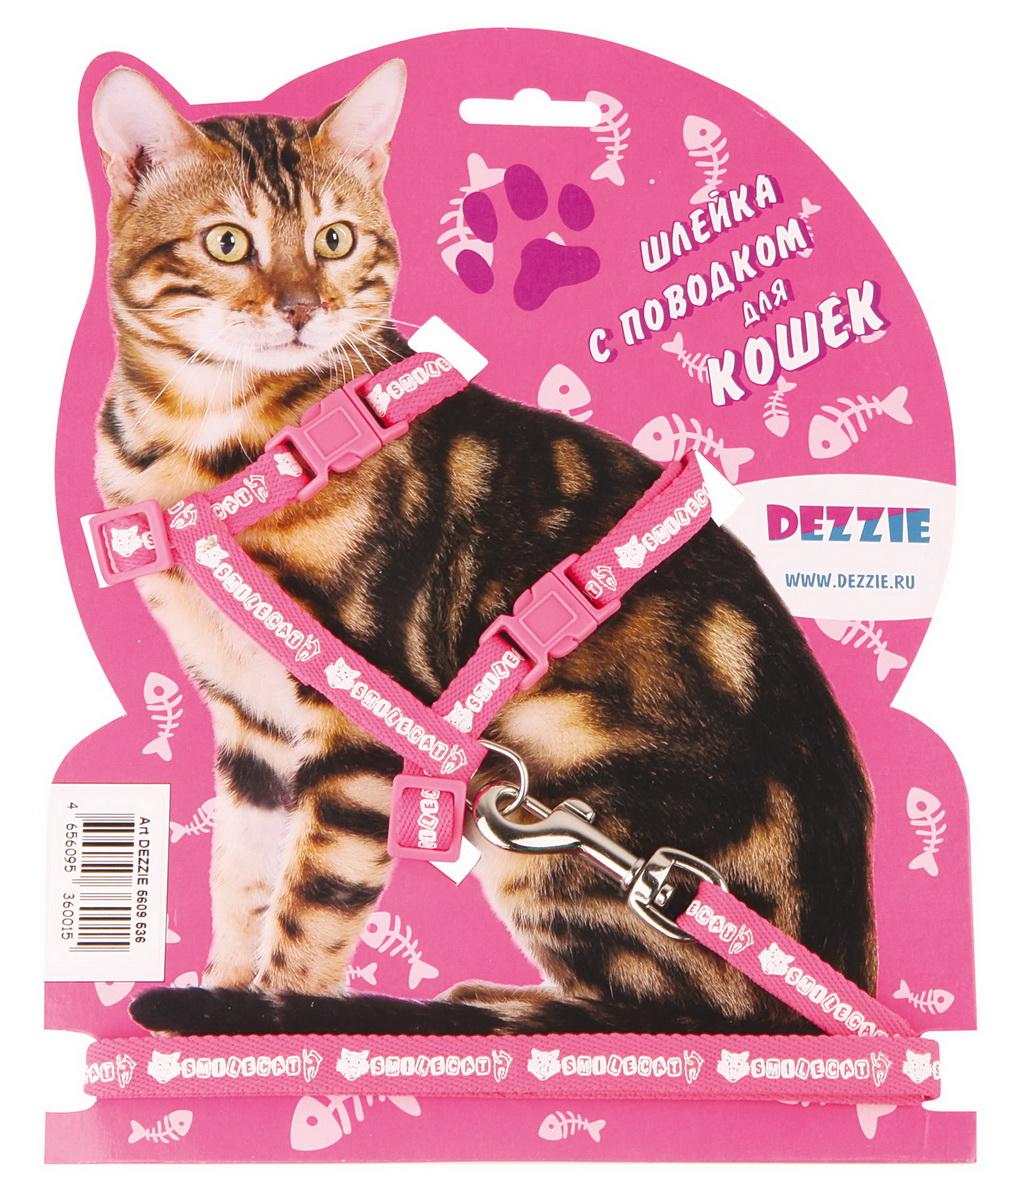 Шлейка для кошек Dezzie, с поводком, ширина 1 см, обхват груди 22-42 см, цвет: розовый, белый. 56095360120710Шлейка Dezzie, изготовленная из прочного нейлона, подходит для кошек крупных размеров. Крепкие пластиковые элементы делают ее надежной и долговечной. Обхват шлейки регулируется при помощи пряжек. В комплект входит поводок из нейлона, который крепится к шлейке с помощью металлического карабина. Шлейка и поводок оформлены изображением. Шлейка - это альтернатива ошейнику. Правильно подобранная шлейка не стесняет движения питомца, не натирает кожу, поэтому животное чувствует себя в ней уверенно и комфортно.Обхват груди: 22-42 см.Ширина шлейки/поводка: 1 см.Длина поводка: 120 см.Длина ошейника: 22-42 см.